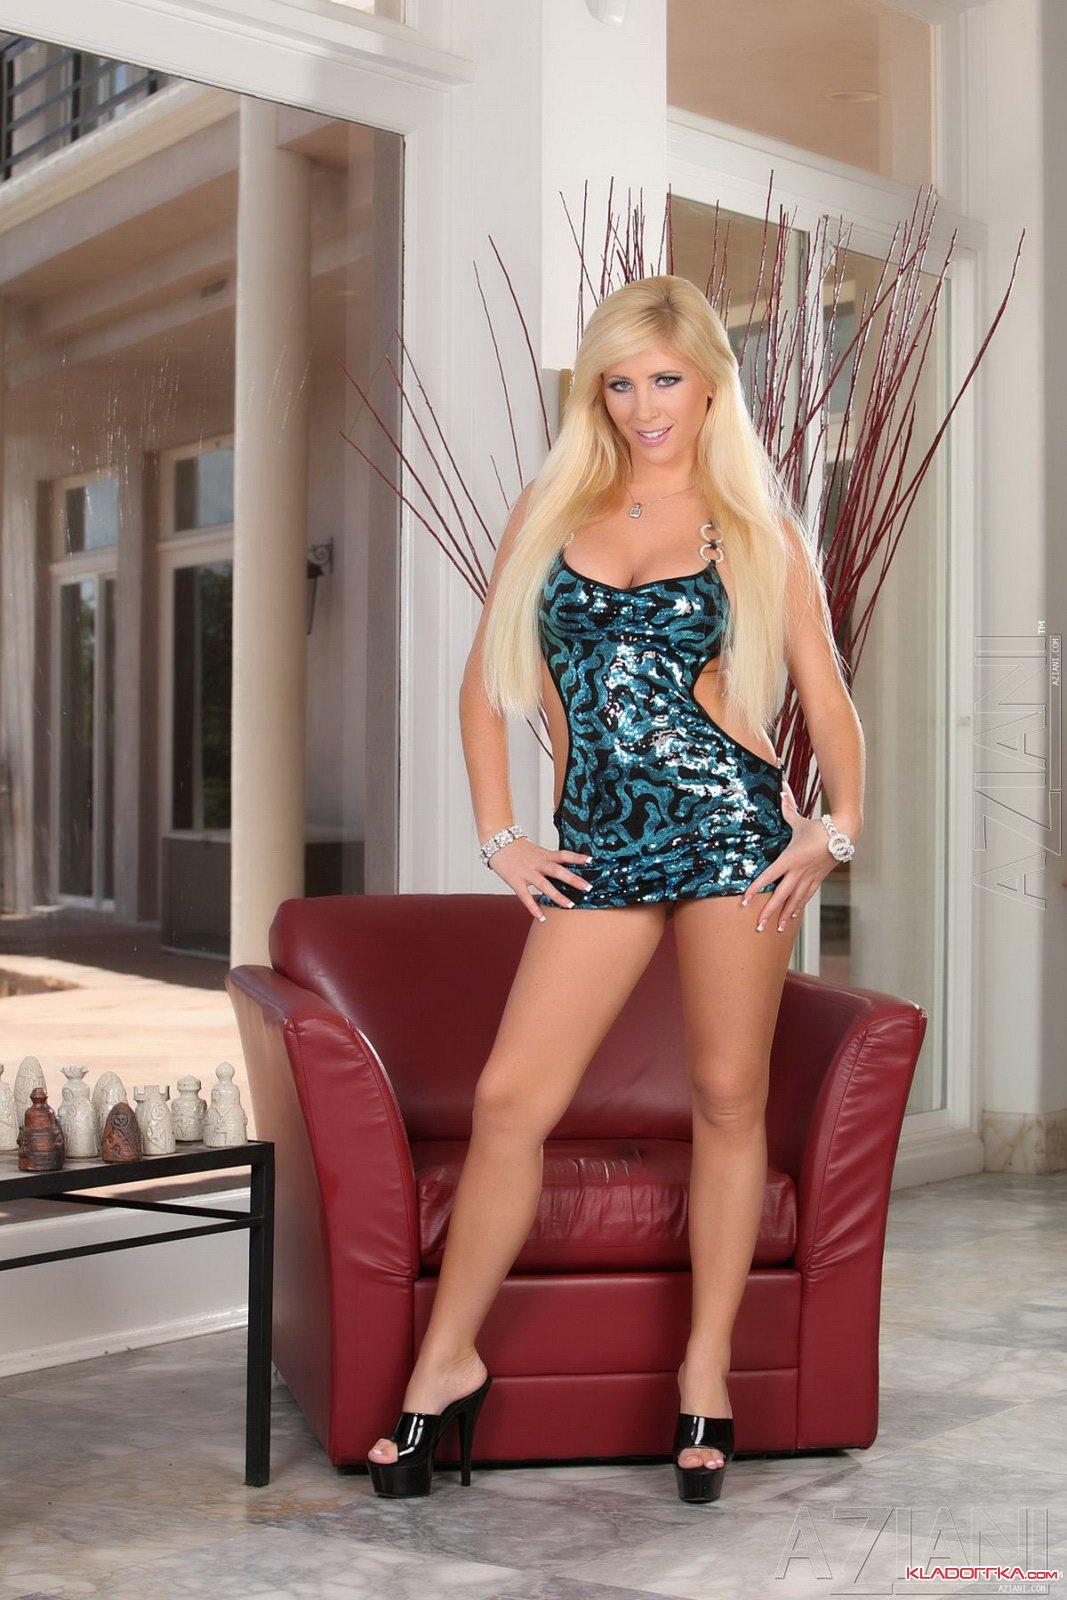 Голая порно звезда Tasha Reign смотреть онлайн 5 фото